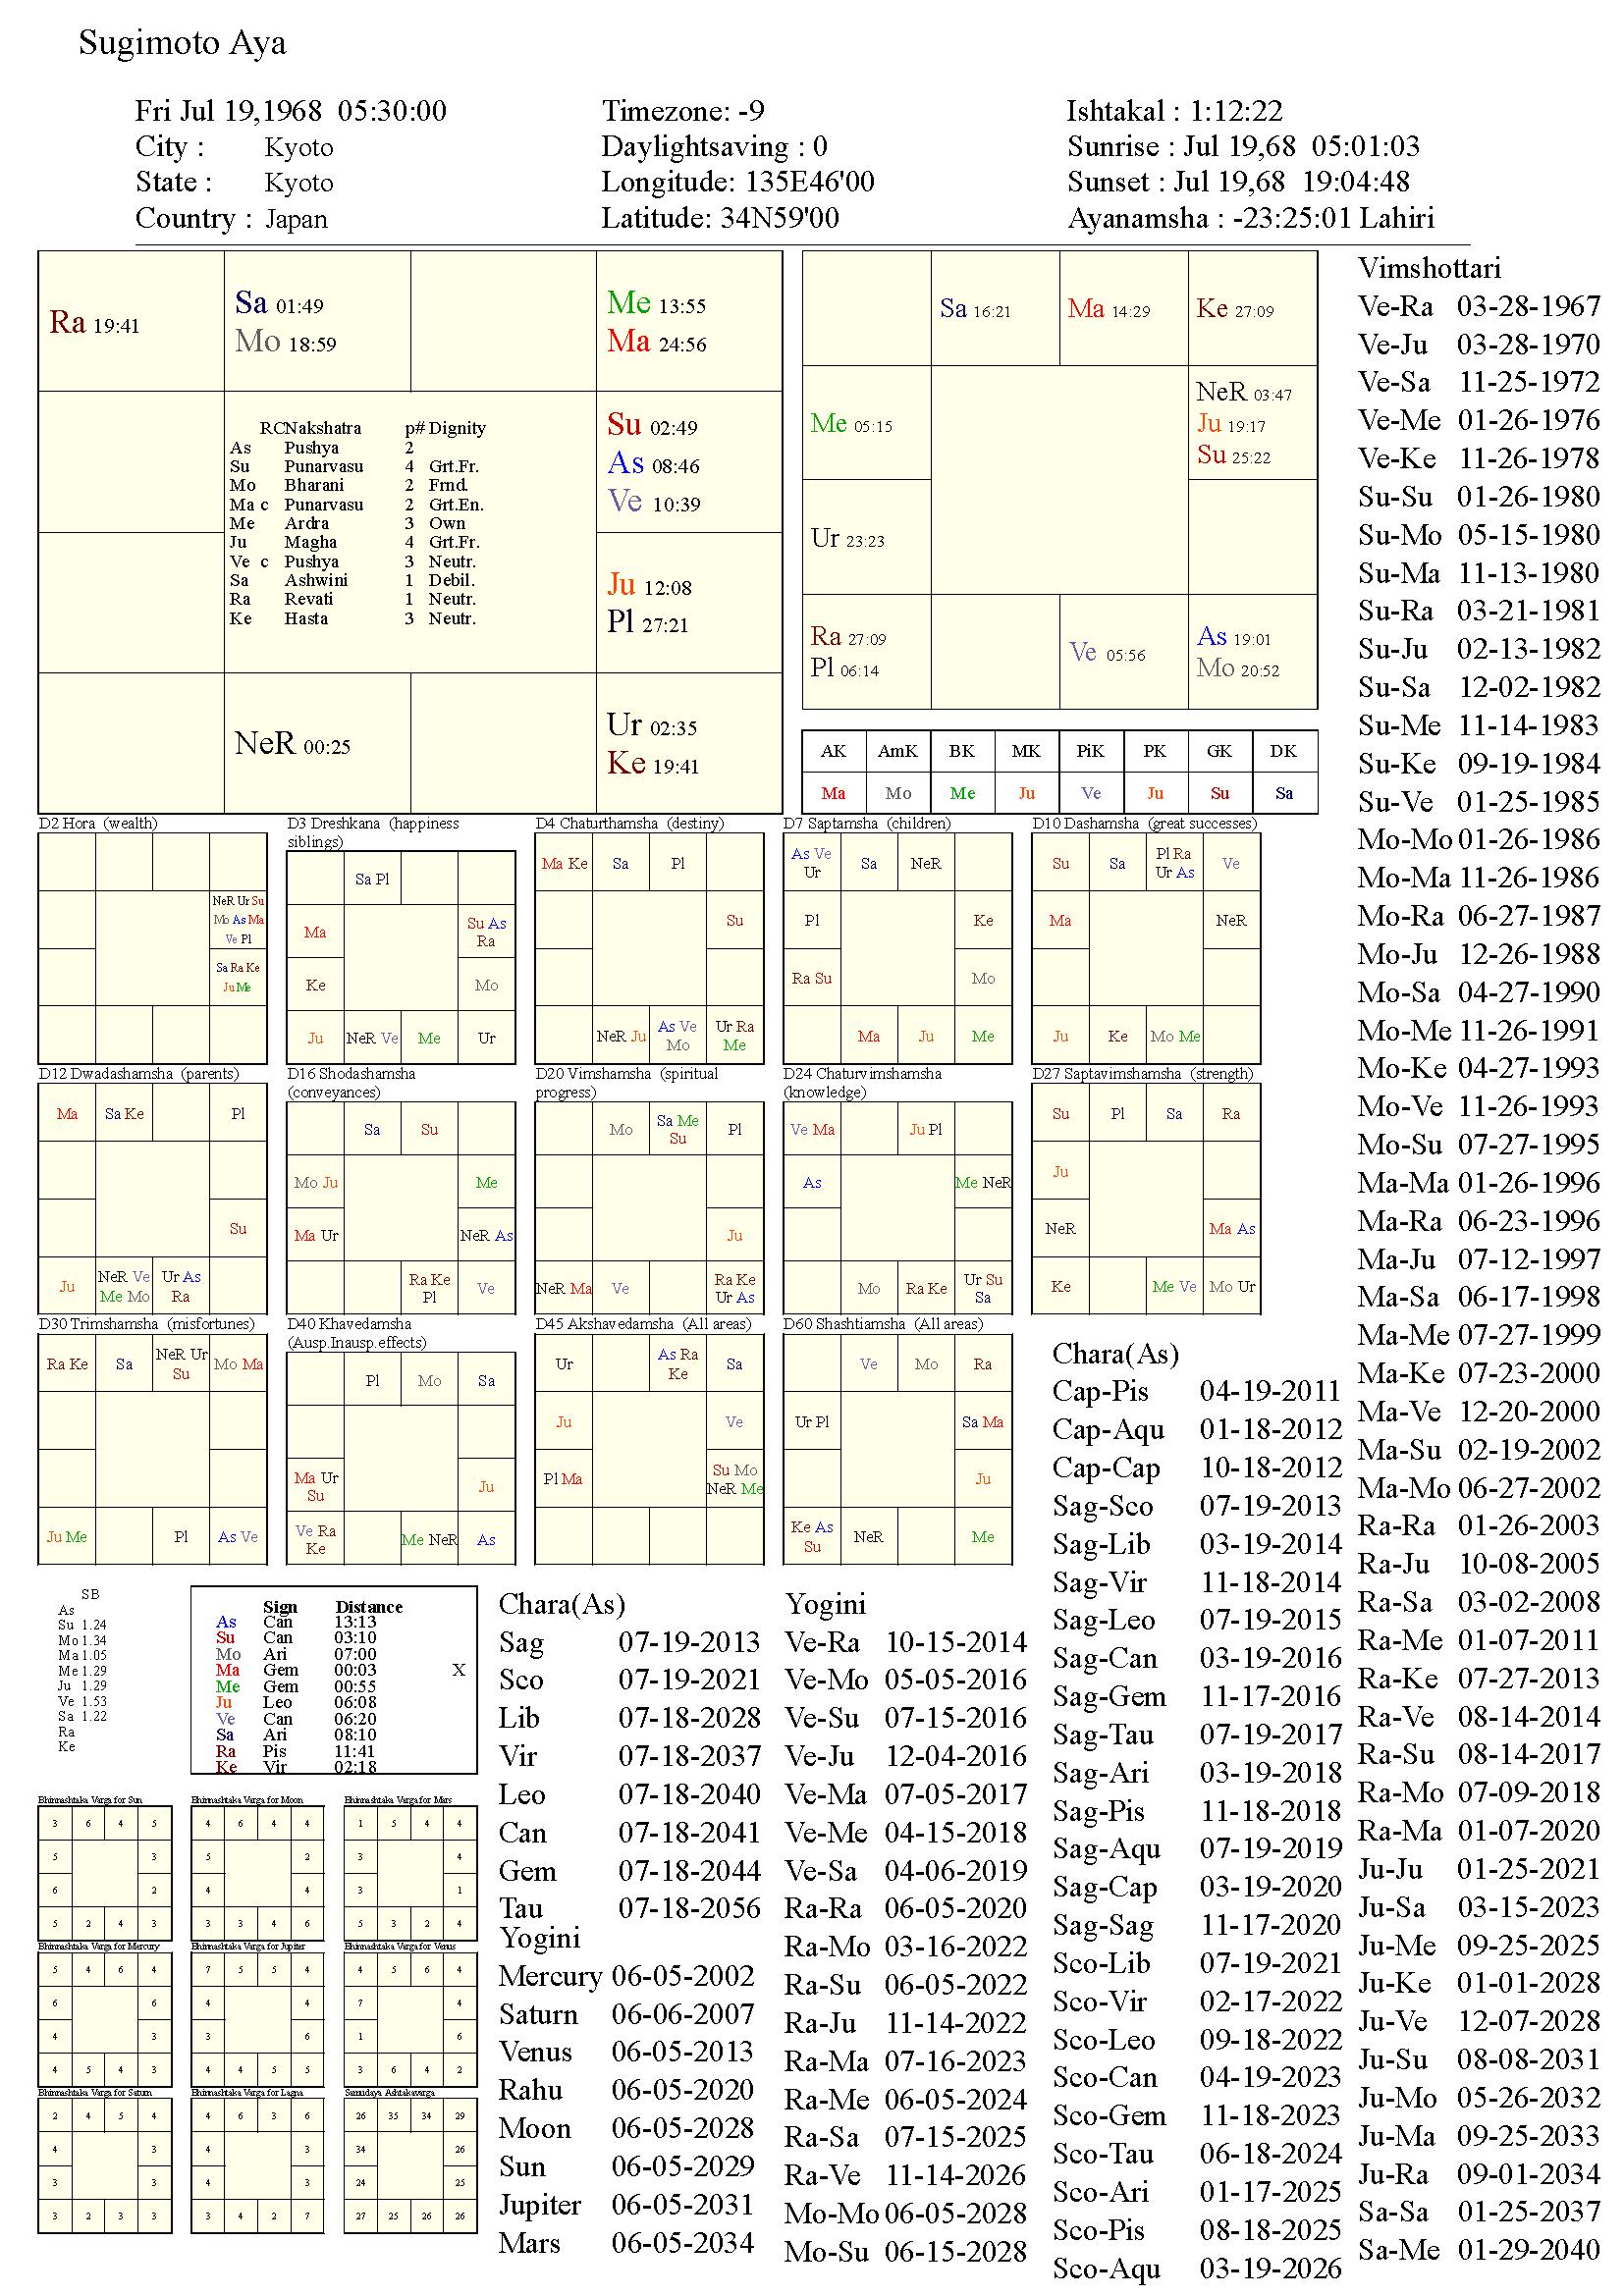 SugimotoAya_chart